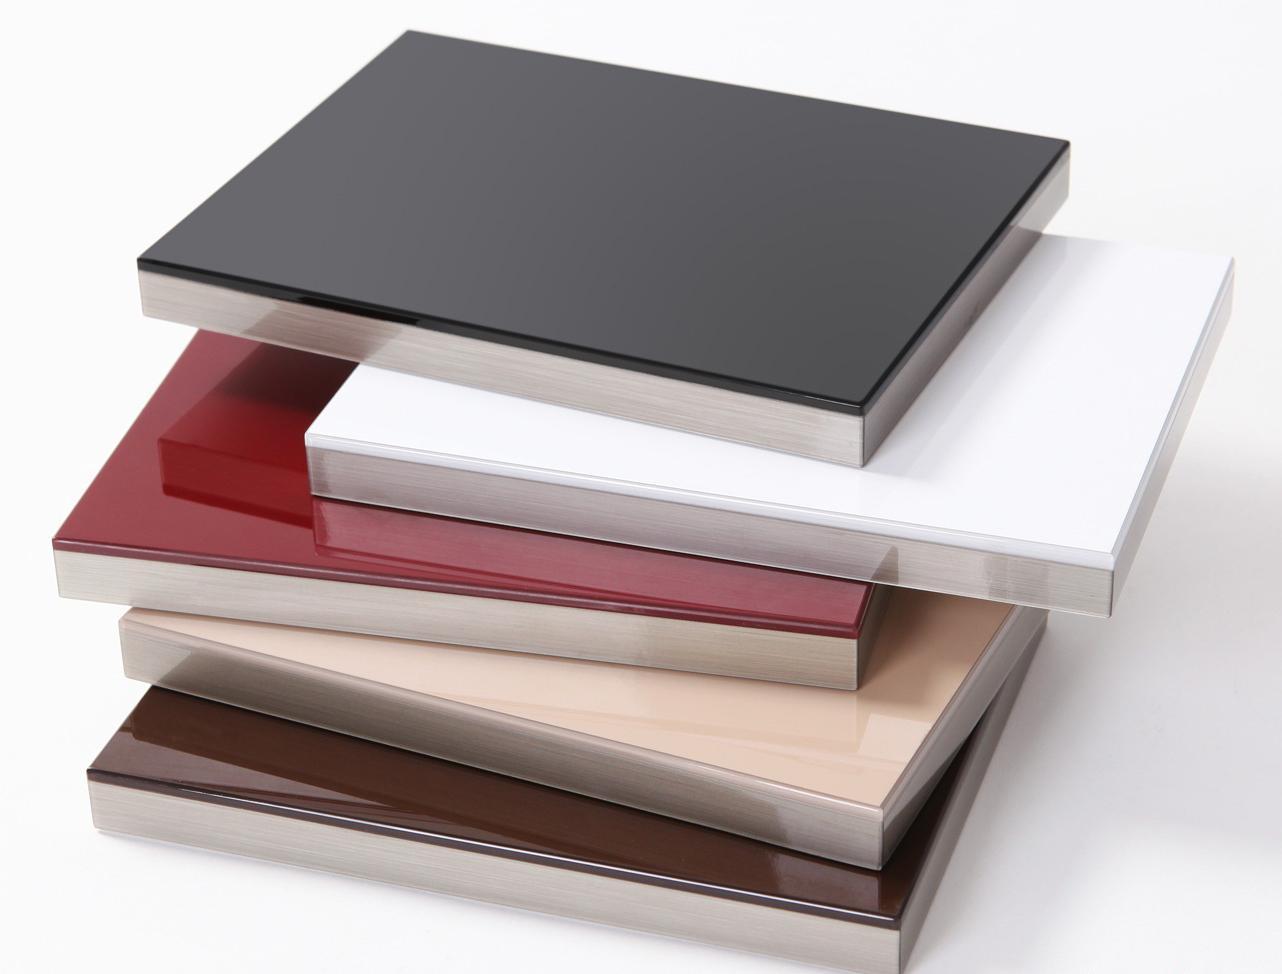 Hệ thống cánh tủ bếp inox kitcheneu làm bằng acrylic nhập khẩu